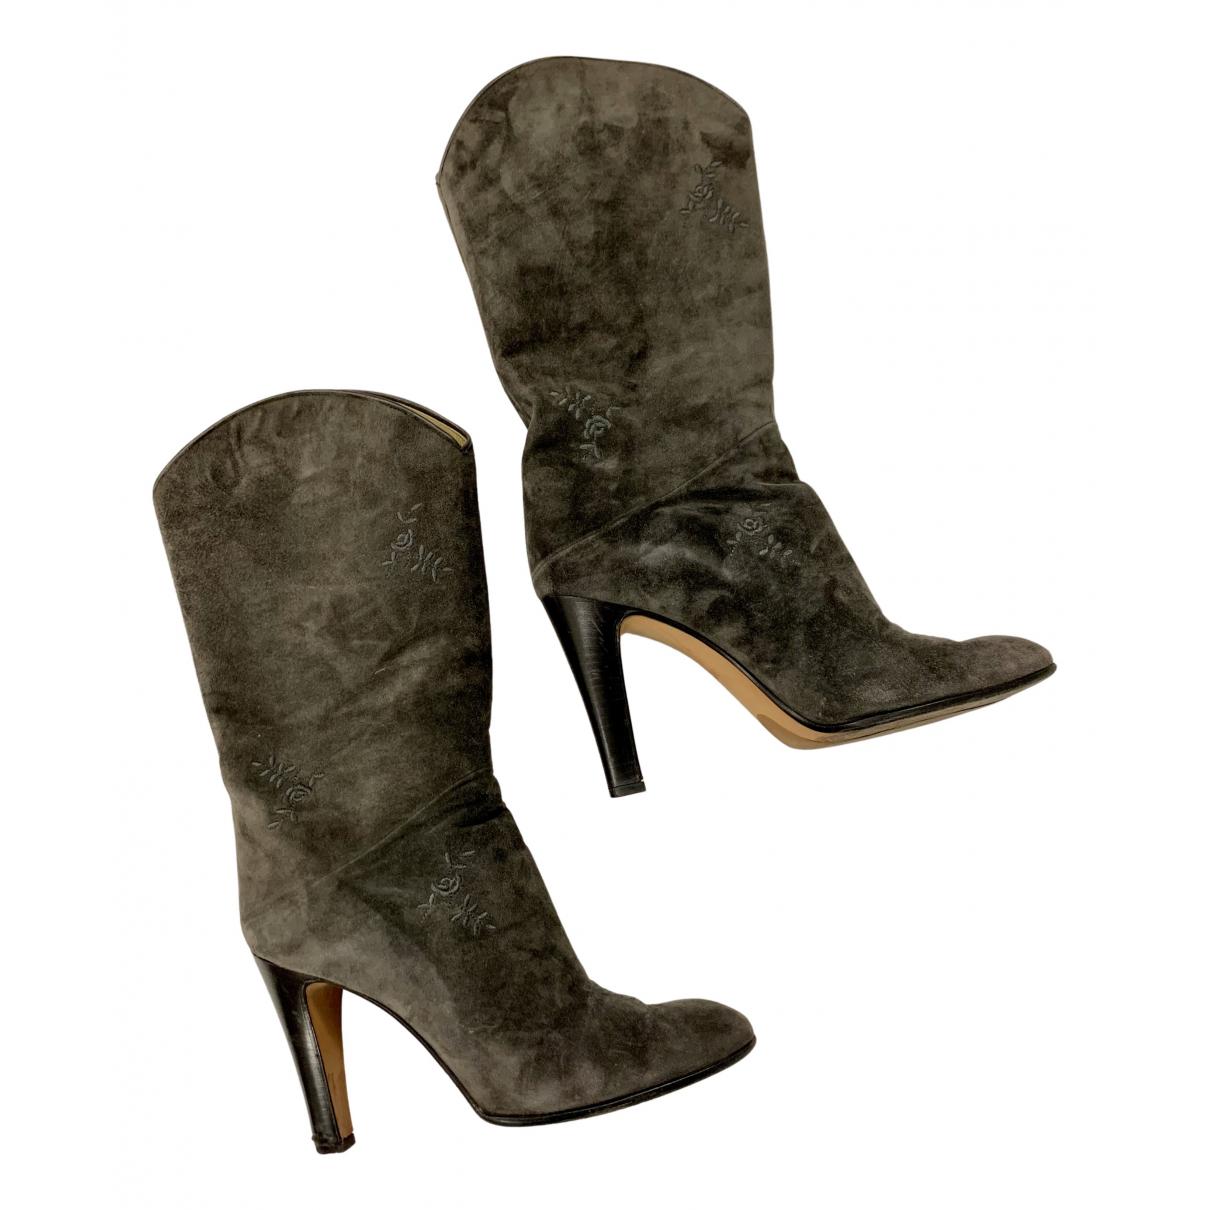 Gianni Versace \N Stiefel in  Grau Leder